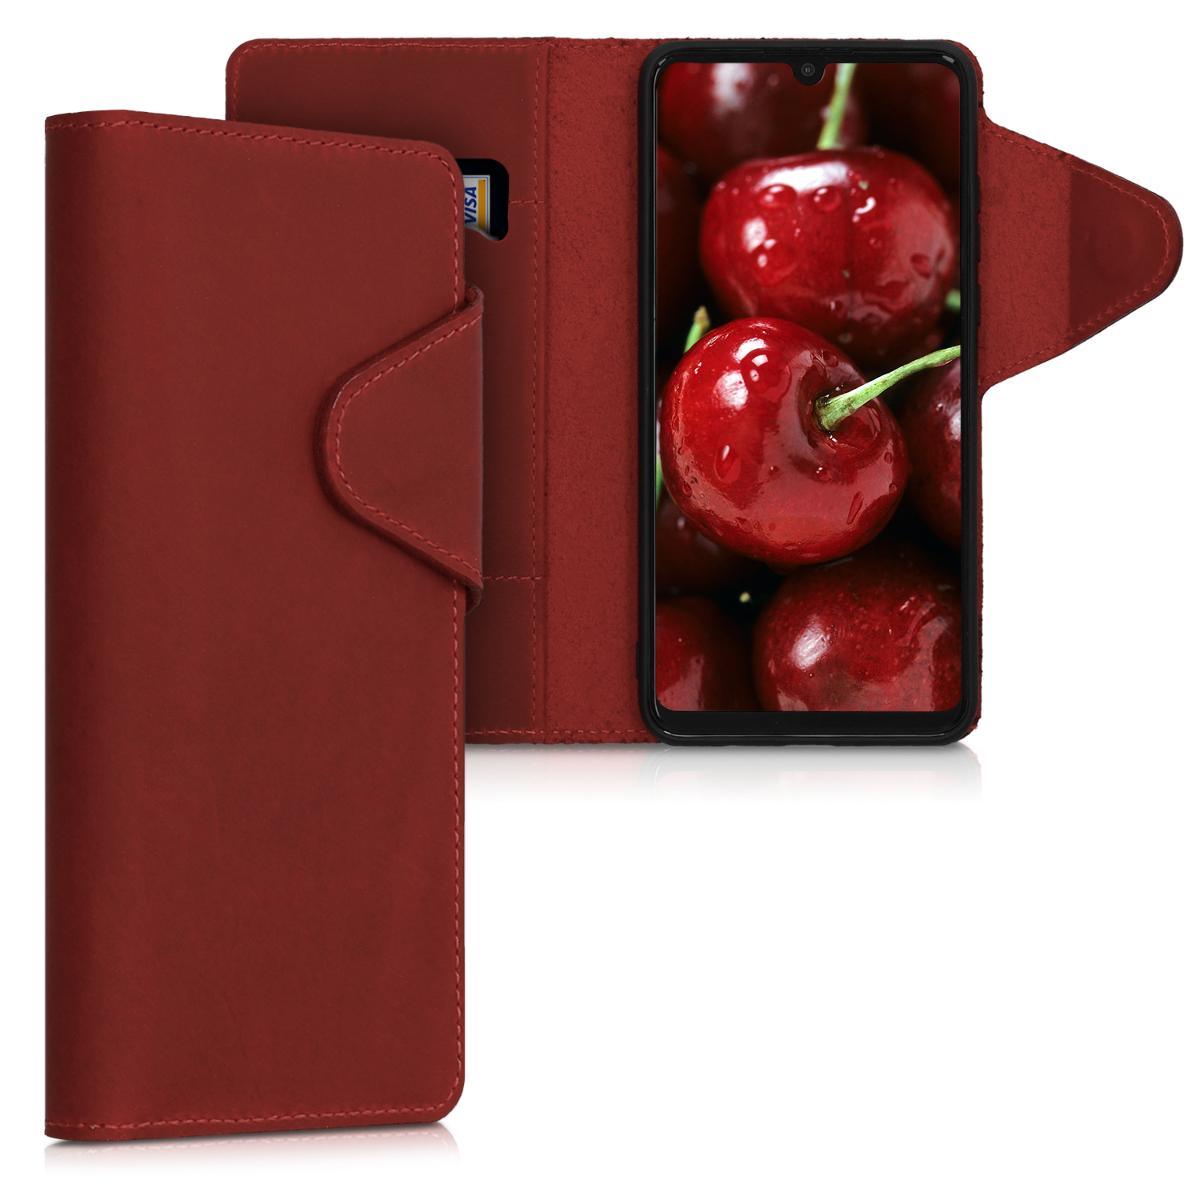 Kalibri Δερμάτινη Suede Θήκη - Πορτοφόλι Huawei P30 Lite - Dark Red (47656.20)